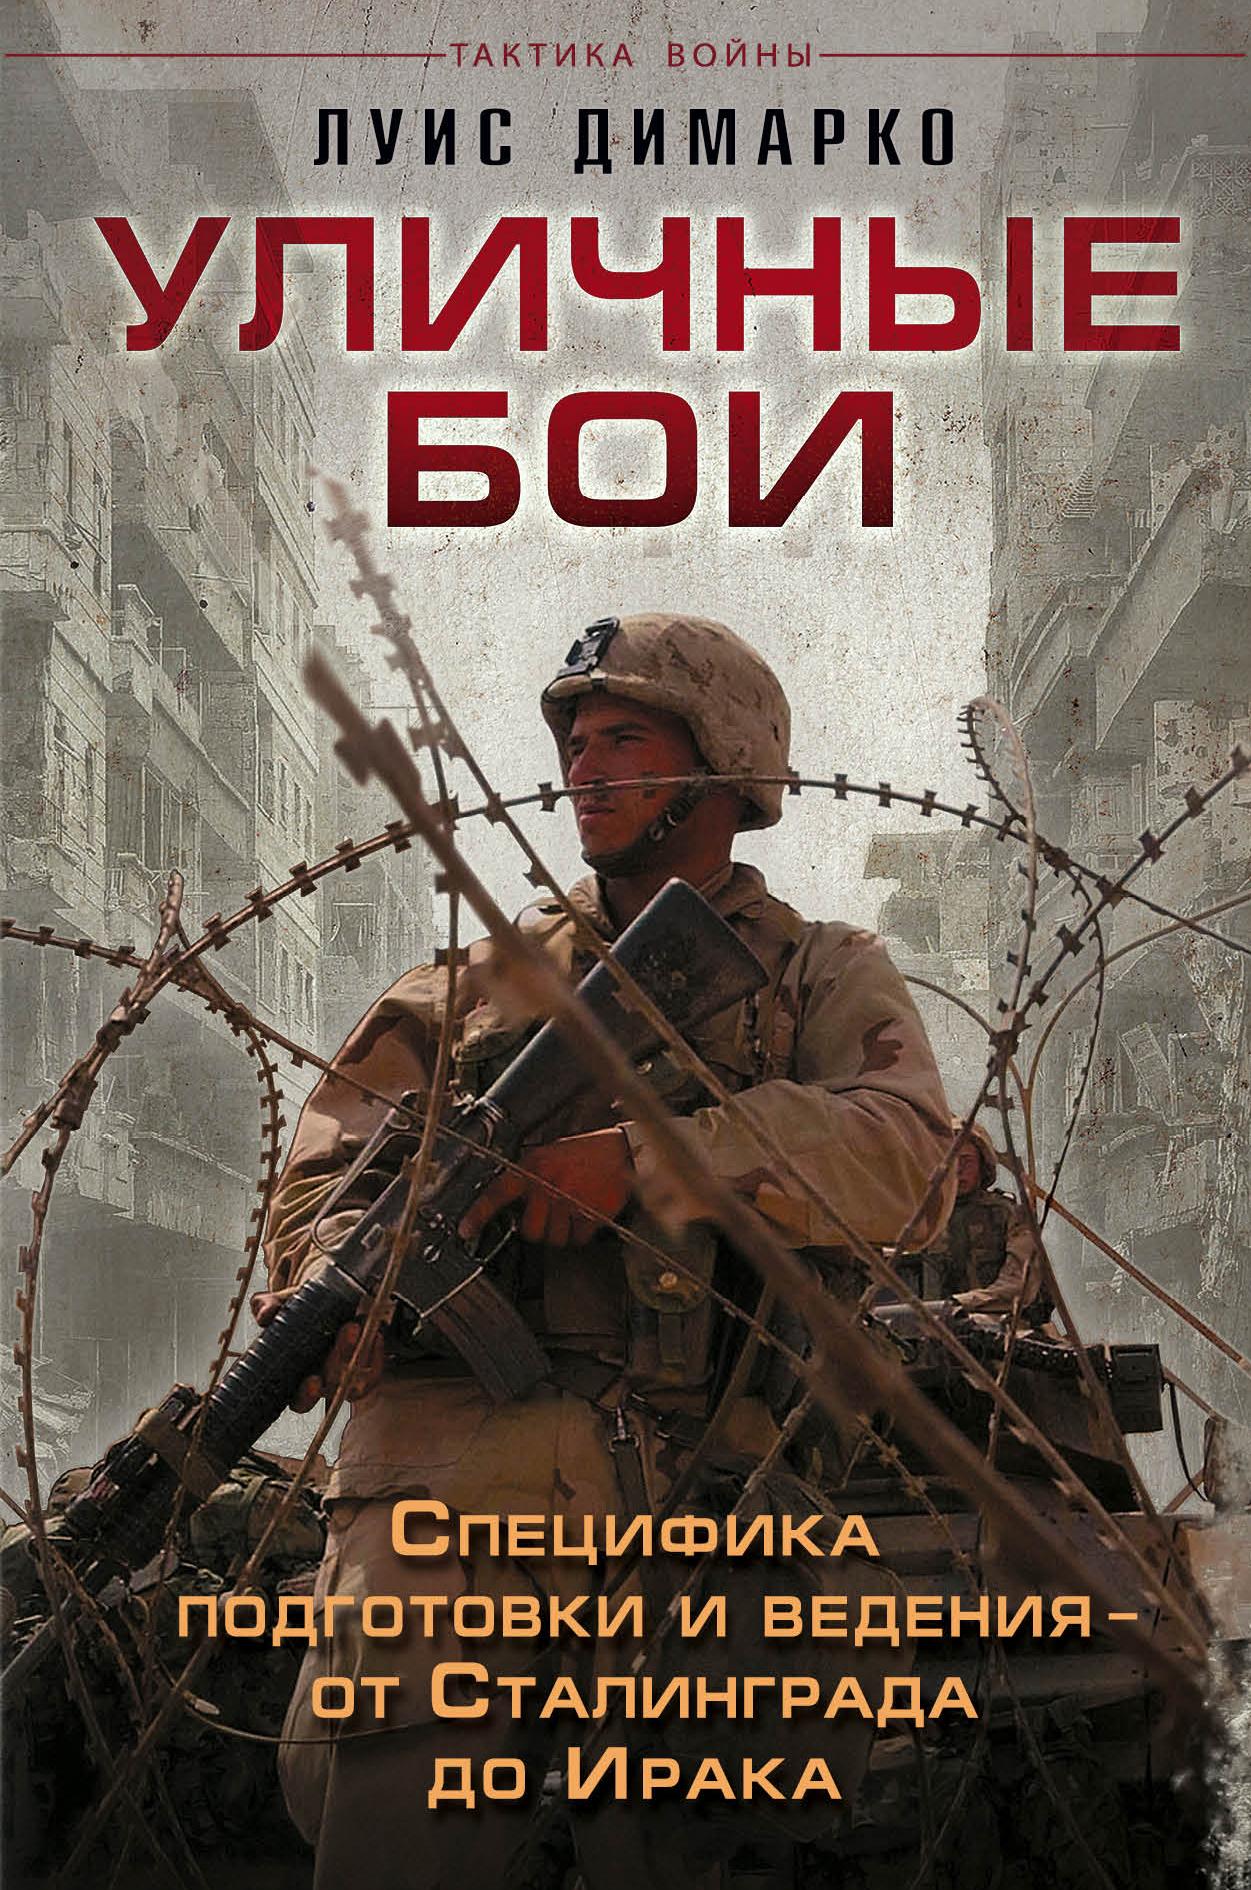 Уличные бои. Специфика подготовки и ведения - от Сталинграда до Ирака